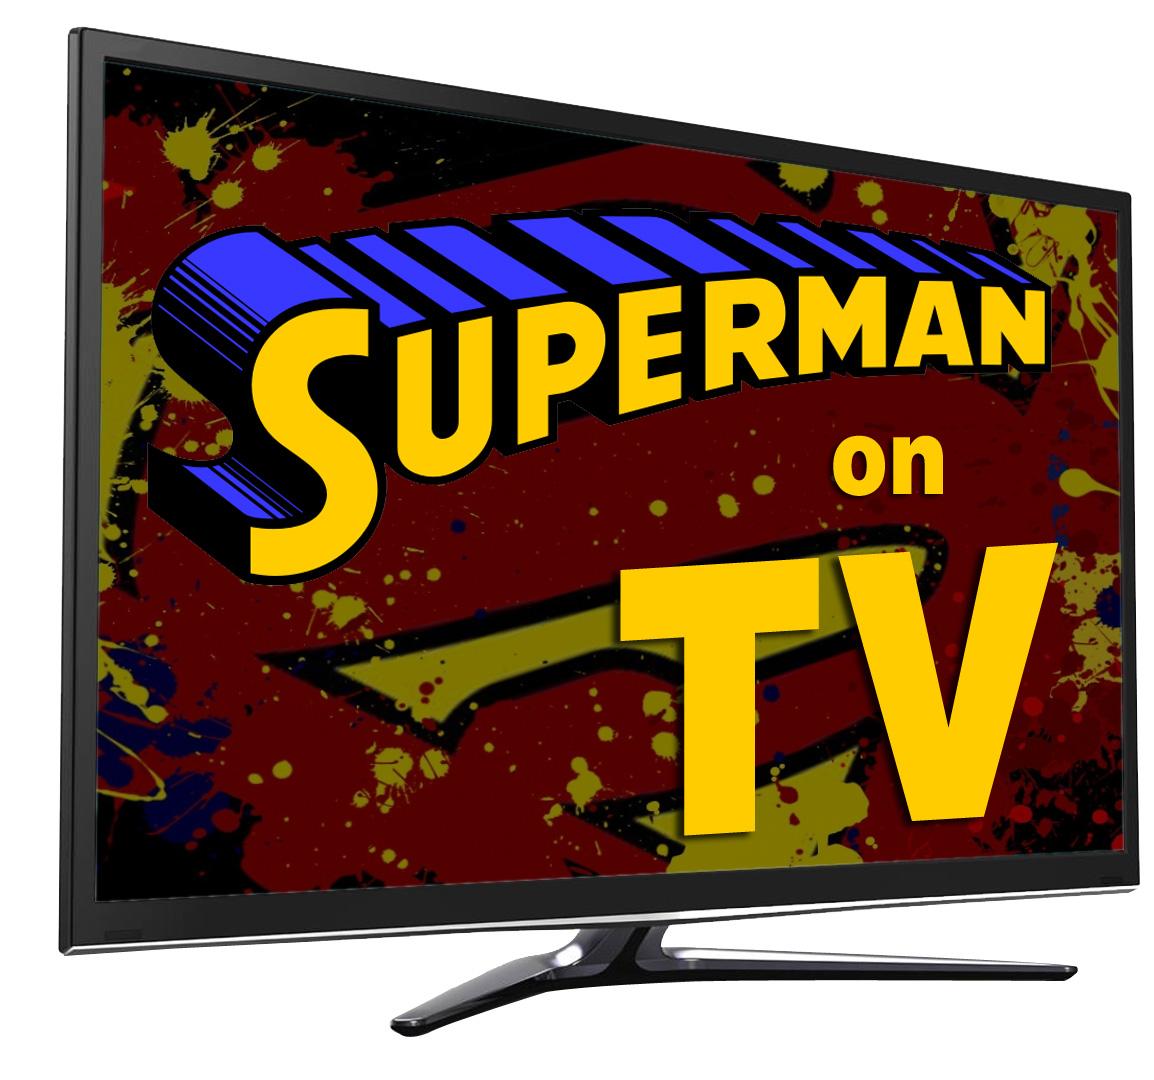 Superman on TV